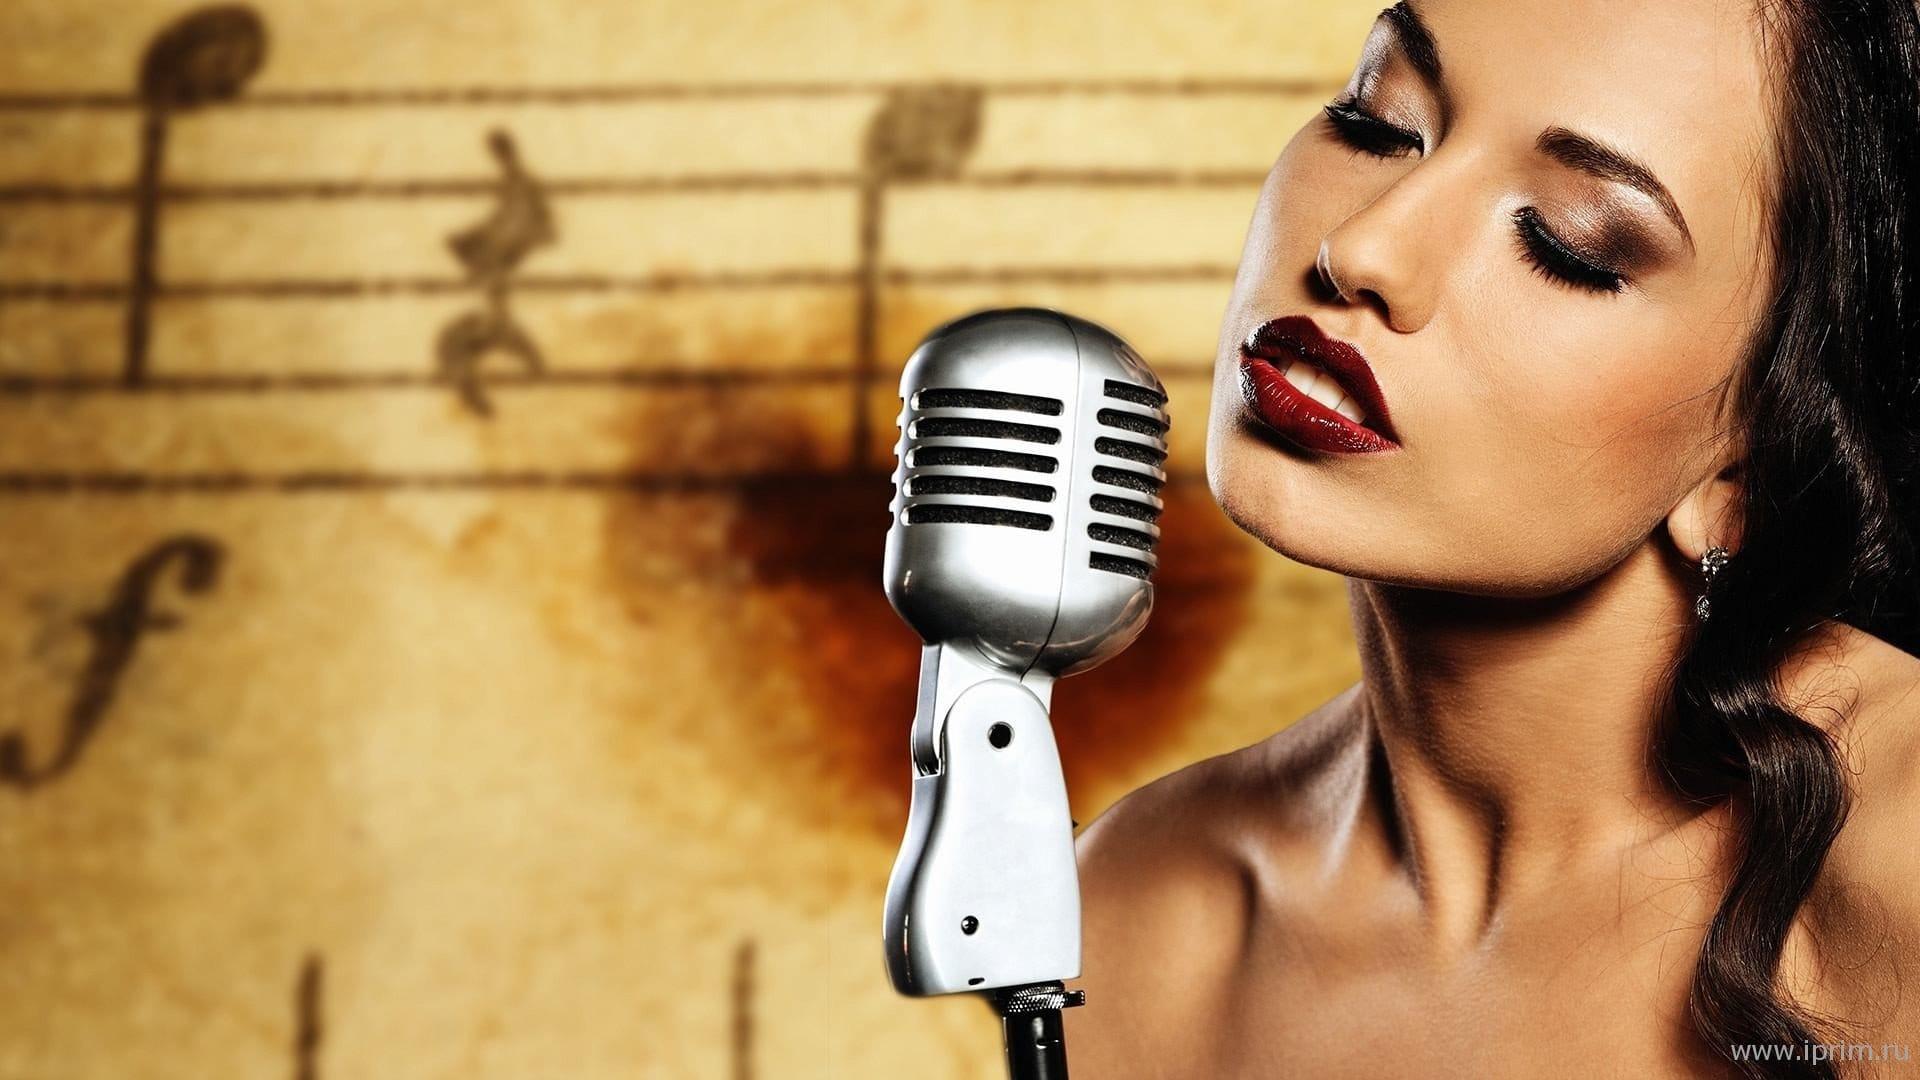 Живая музыка Киев. Ресторан с живой музыкой